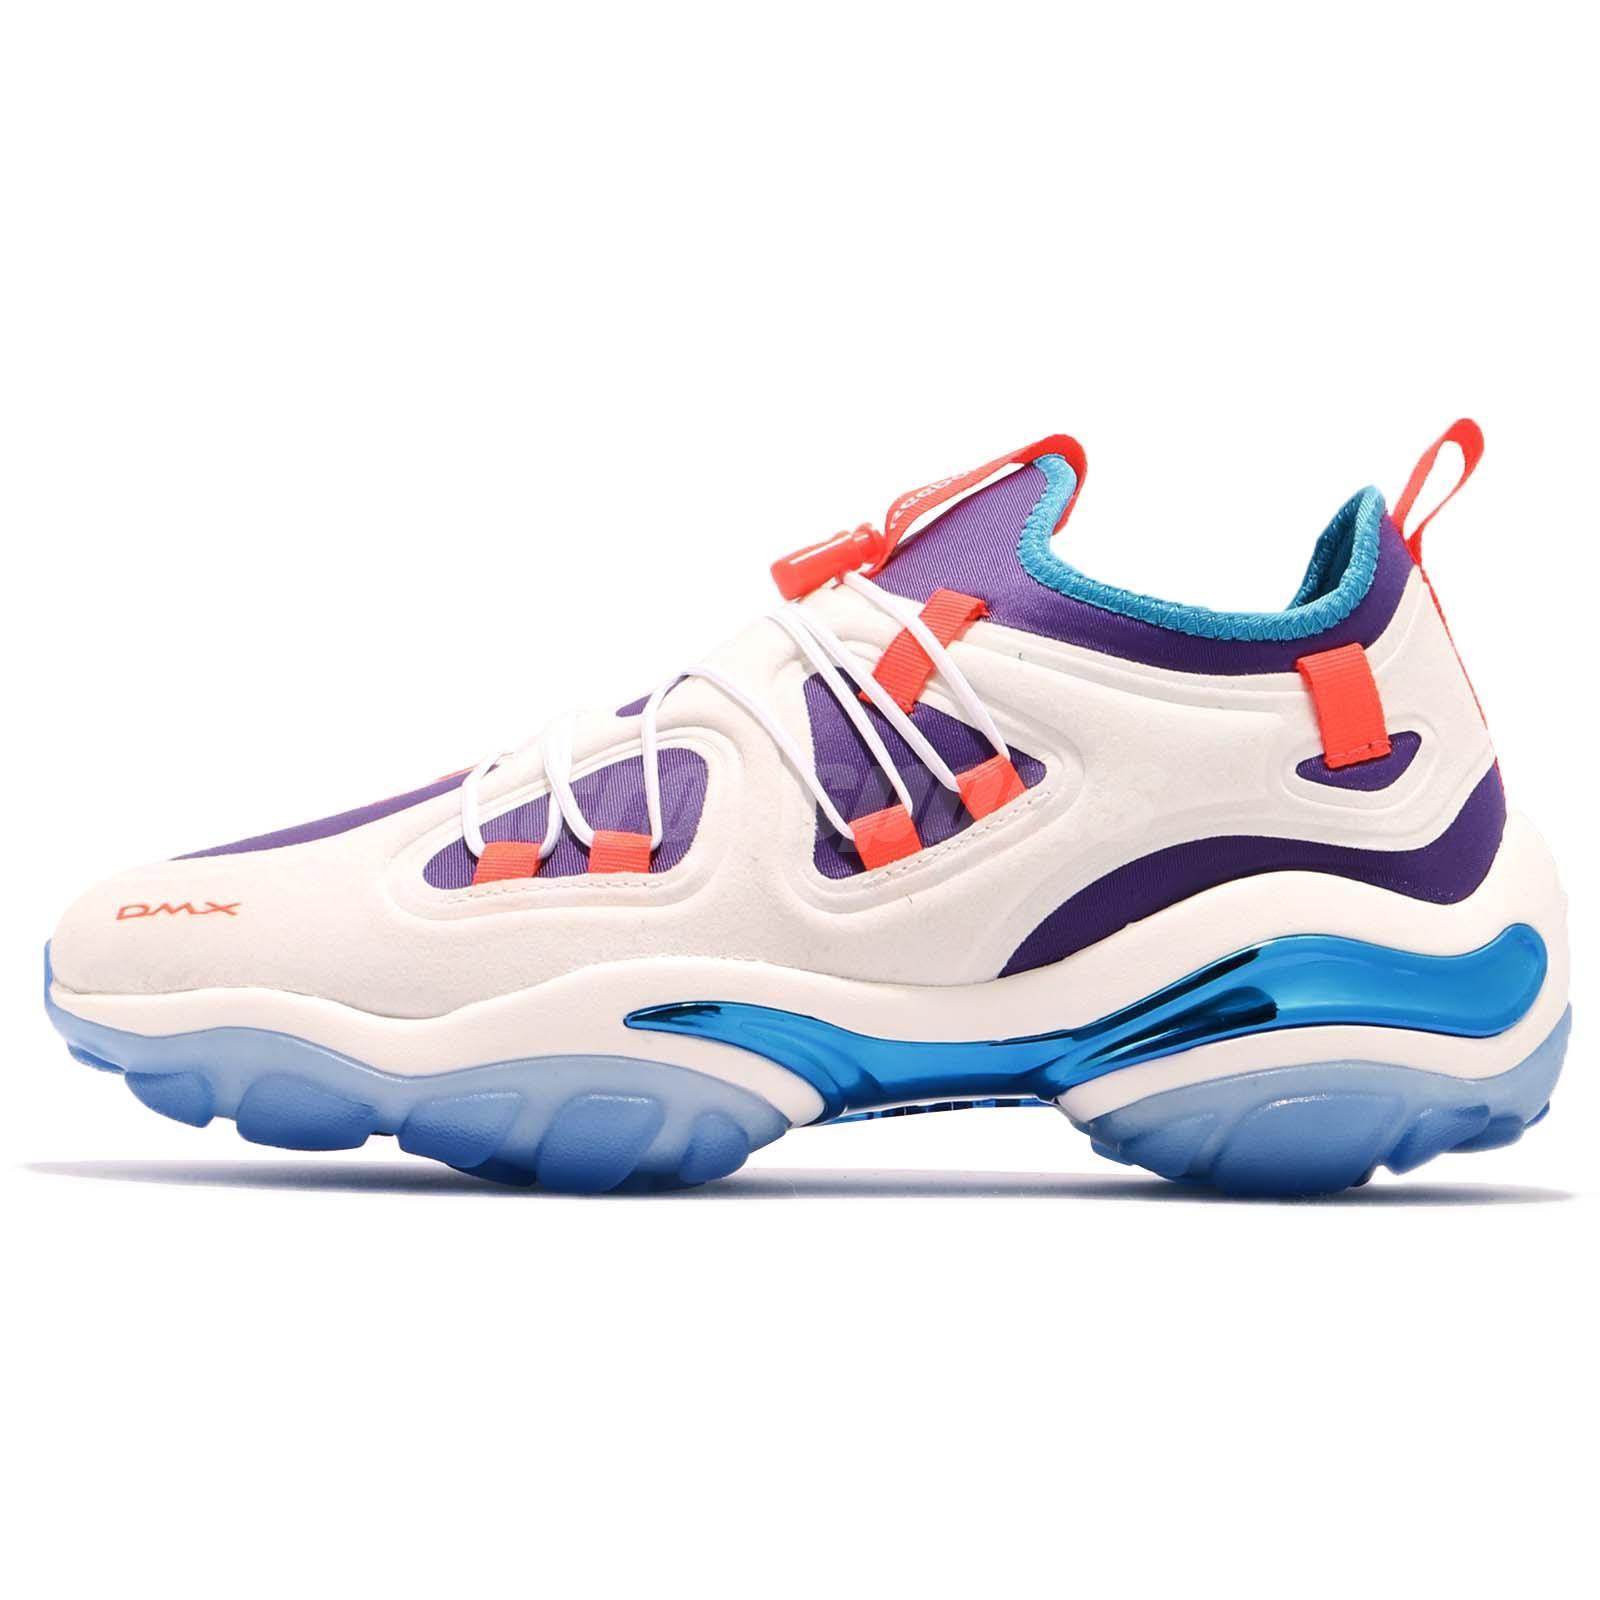 9a2e2cf36cce Reebok DMX Series 2000 Low Chalk White Orange Purple Blue Men Shoes CN3813